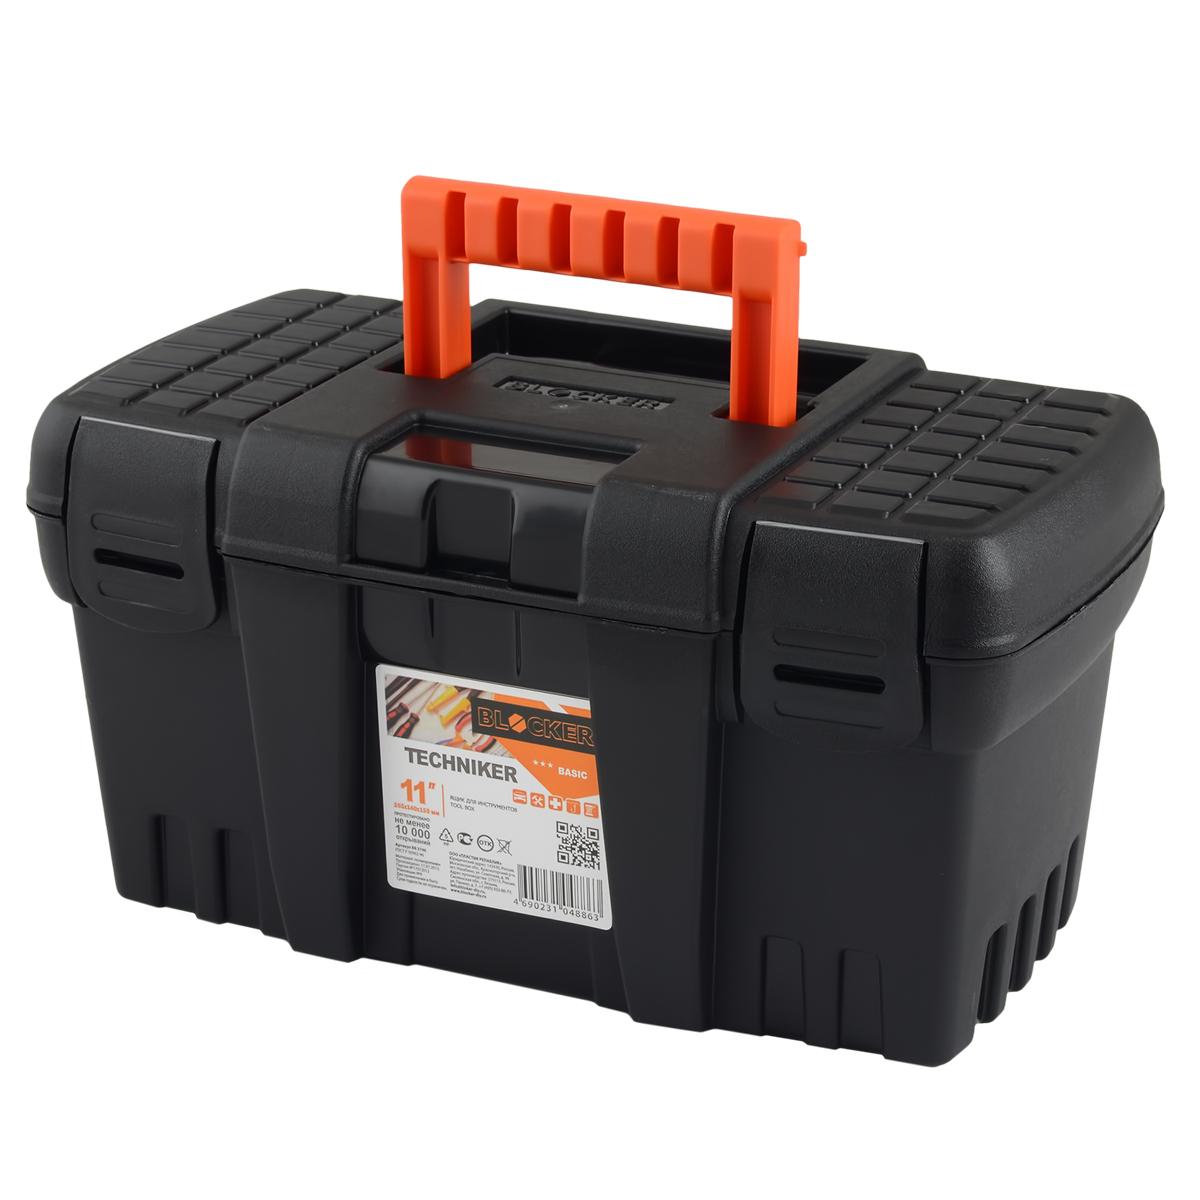 Ящик для инструментов Blocker Techniker, цвет: черный, 380 х 210 х 195 мм80621Ящик Blocker Techniker отлично подходит для организации хранения и транспортировки инструментов и принадлежностей к ним в автомобиле, на дачеили дома. Петли и замки выполнены единым элементом с корпусом. Не имеет внутреннего лотка. Каждый элемент имеет ресурс 10 000 изгибов, что позволяет интенсивно эксплуатировать продукт несколько лет.